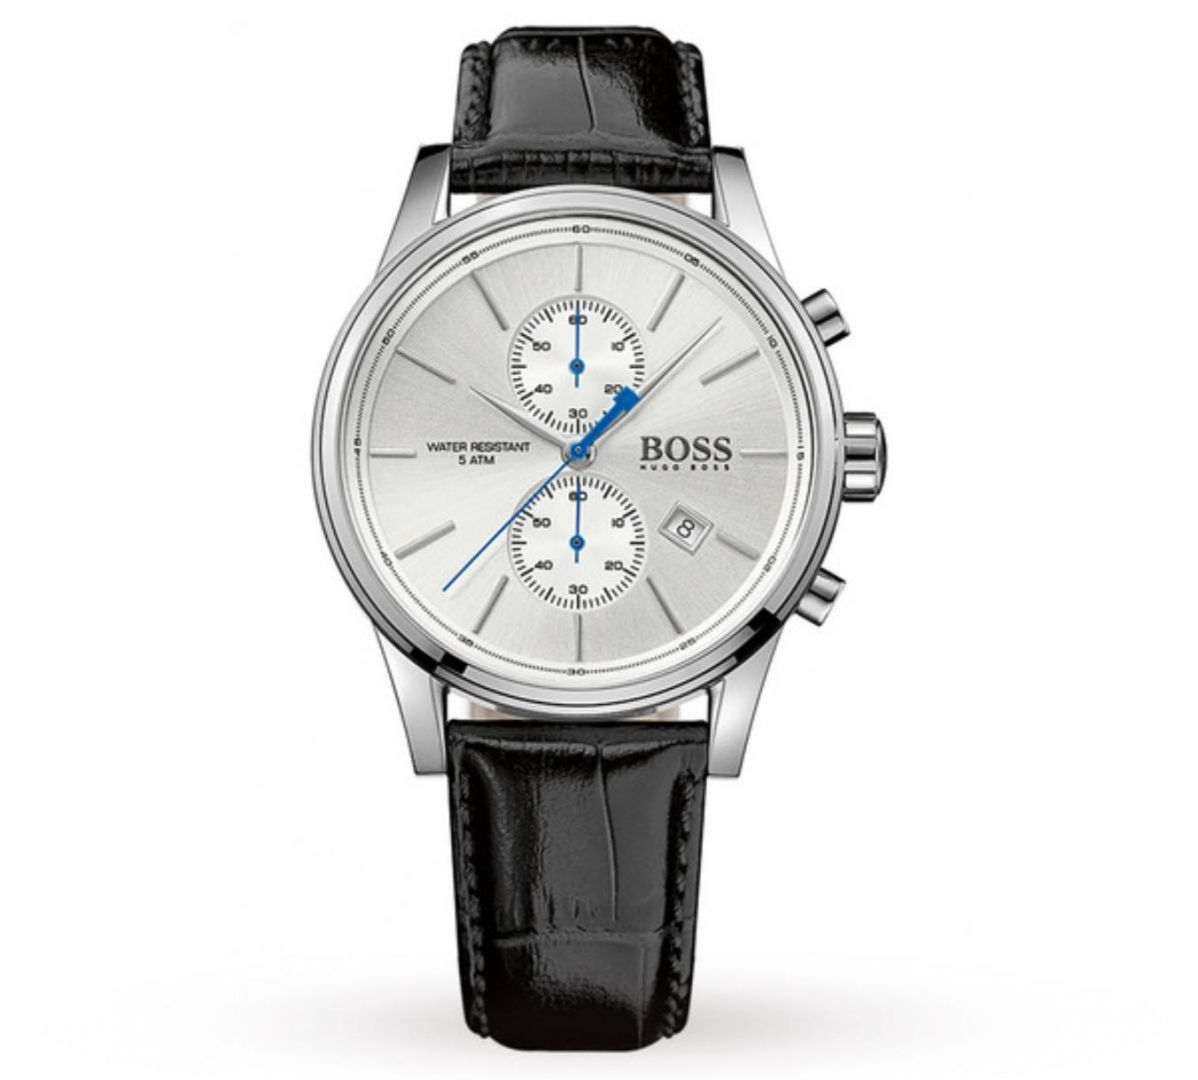 שעון יד אנלוגי לגבר hugo boss 1513282 הוגו בוס